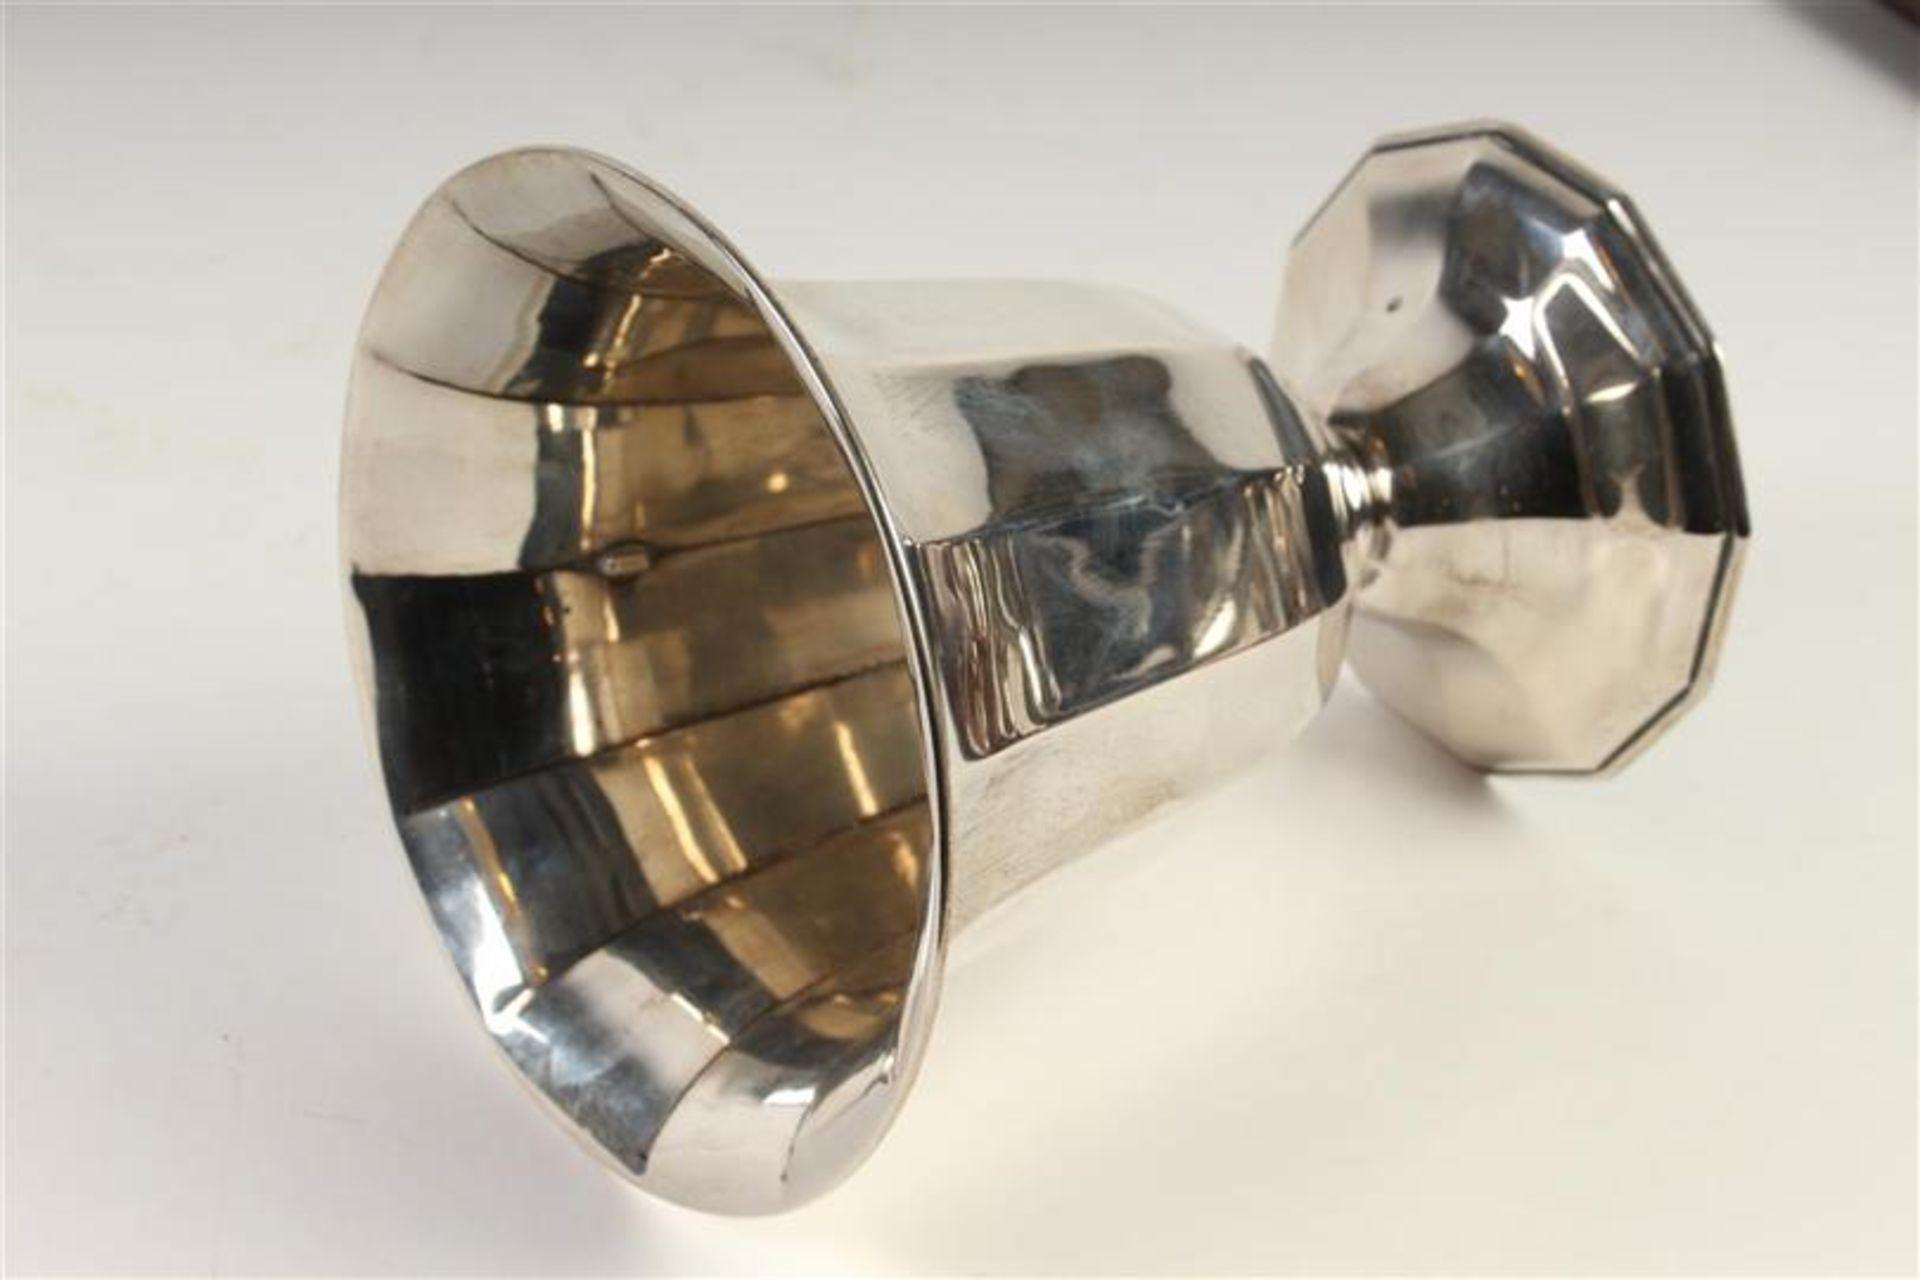 Los 43 - Twaalfkantige zilveren vaas op voet, opgevuld, Zilverfabriek Voorschoten, Hollands gekeurd.